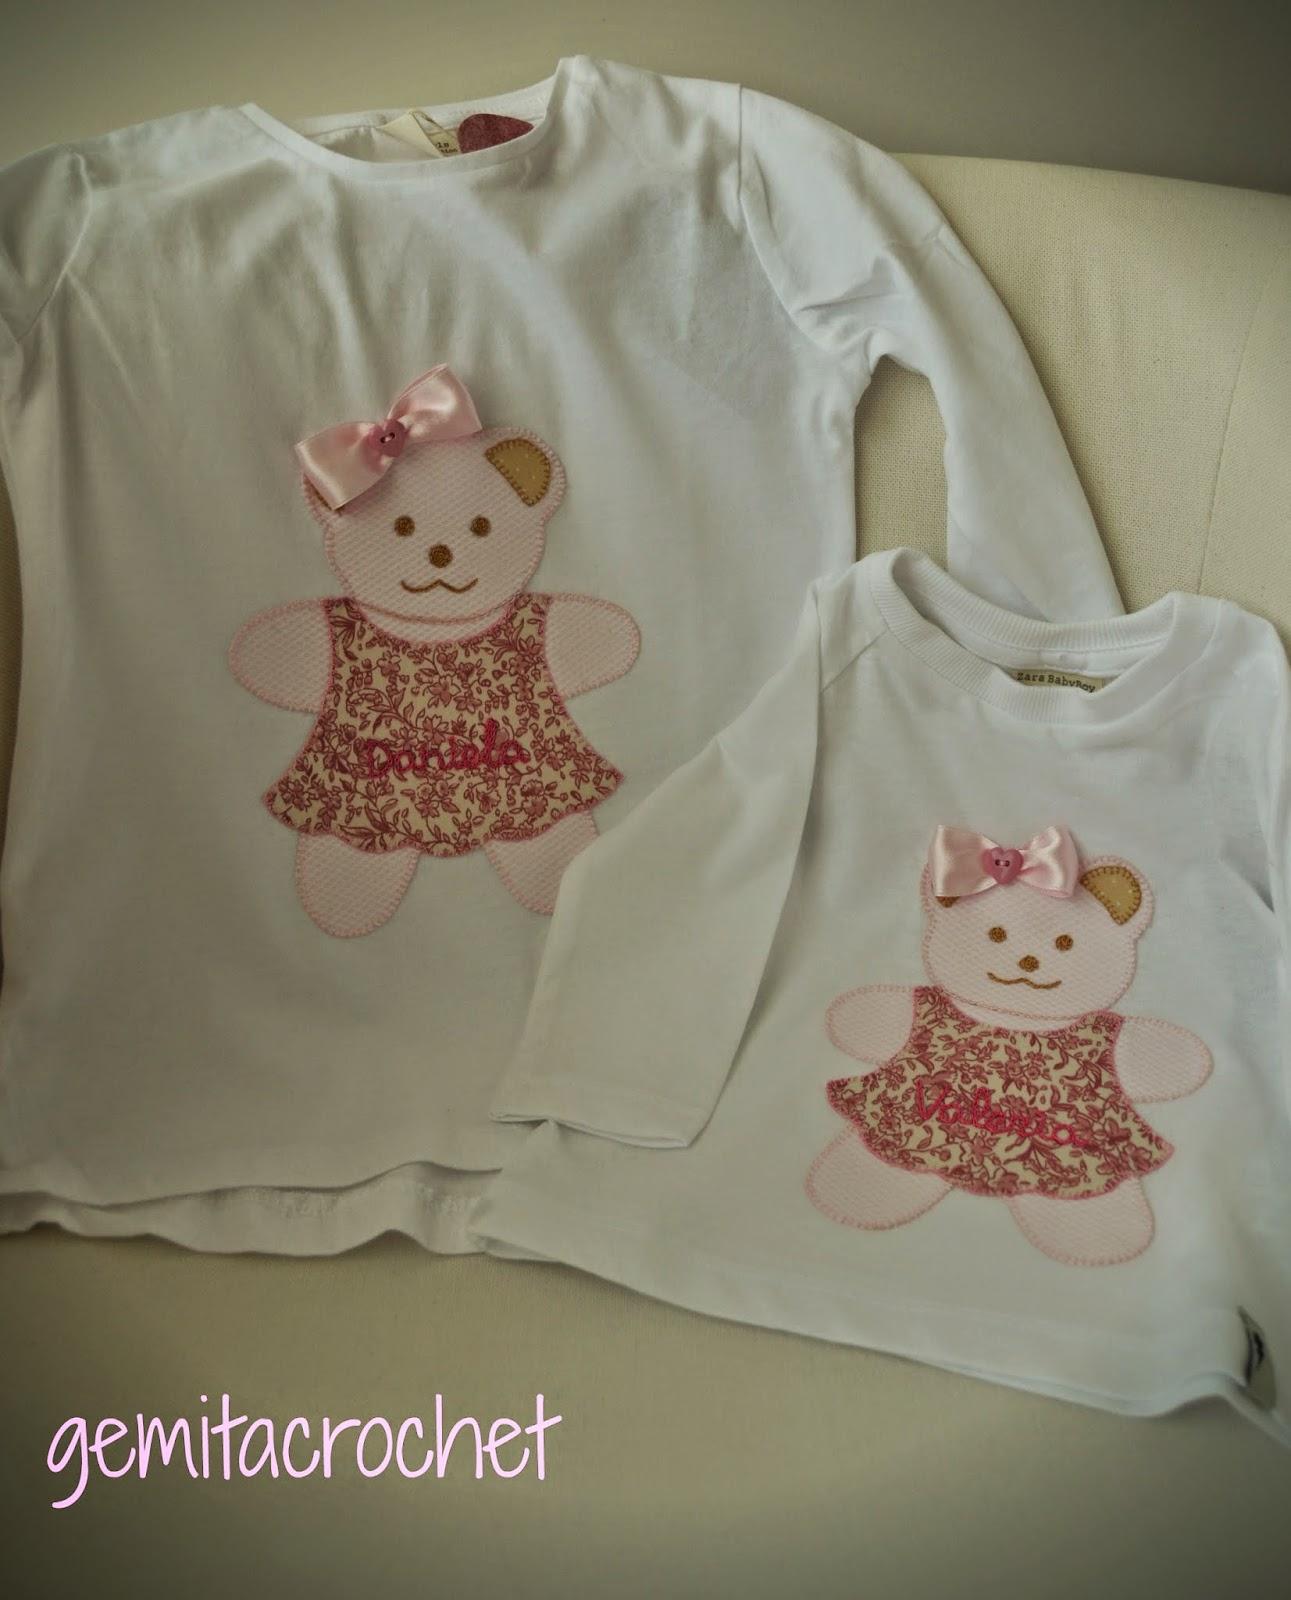 GEMITA CROCHET : Unas camisetas muy tiernas